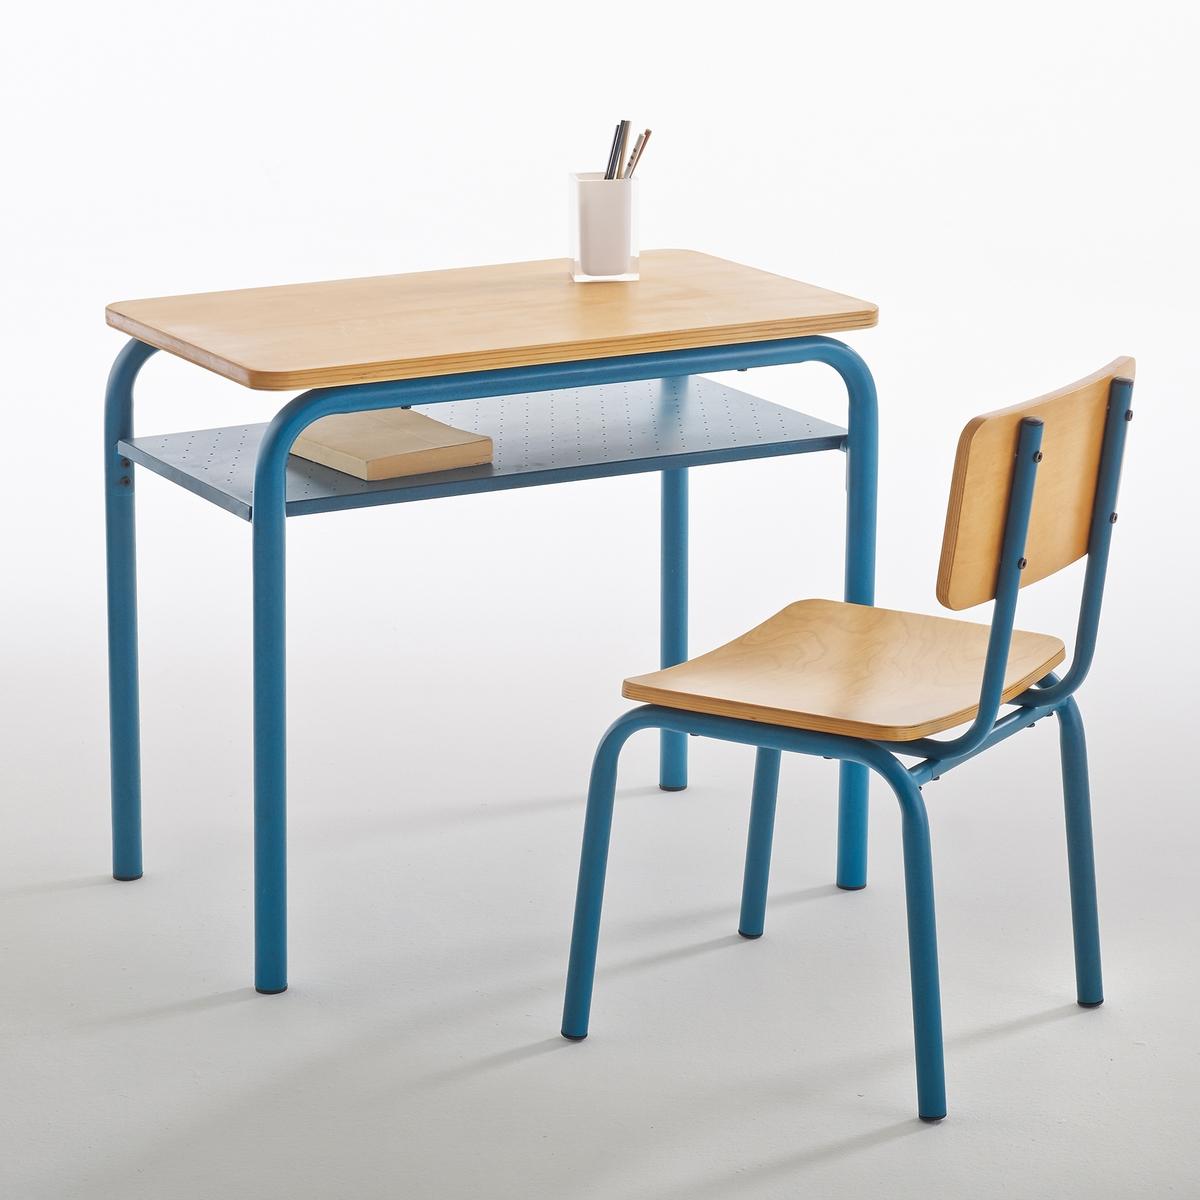 Письменный стол и стул в винтажном стиле Buton письменный стол васко соло 021